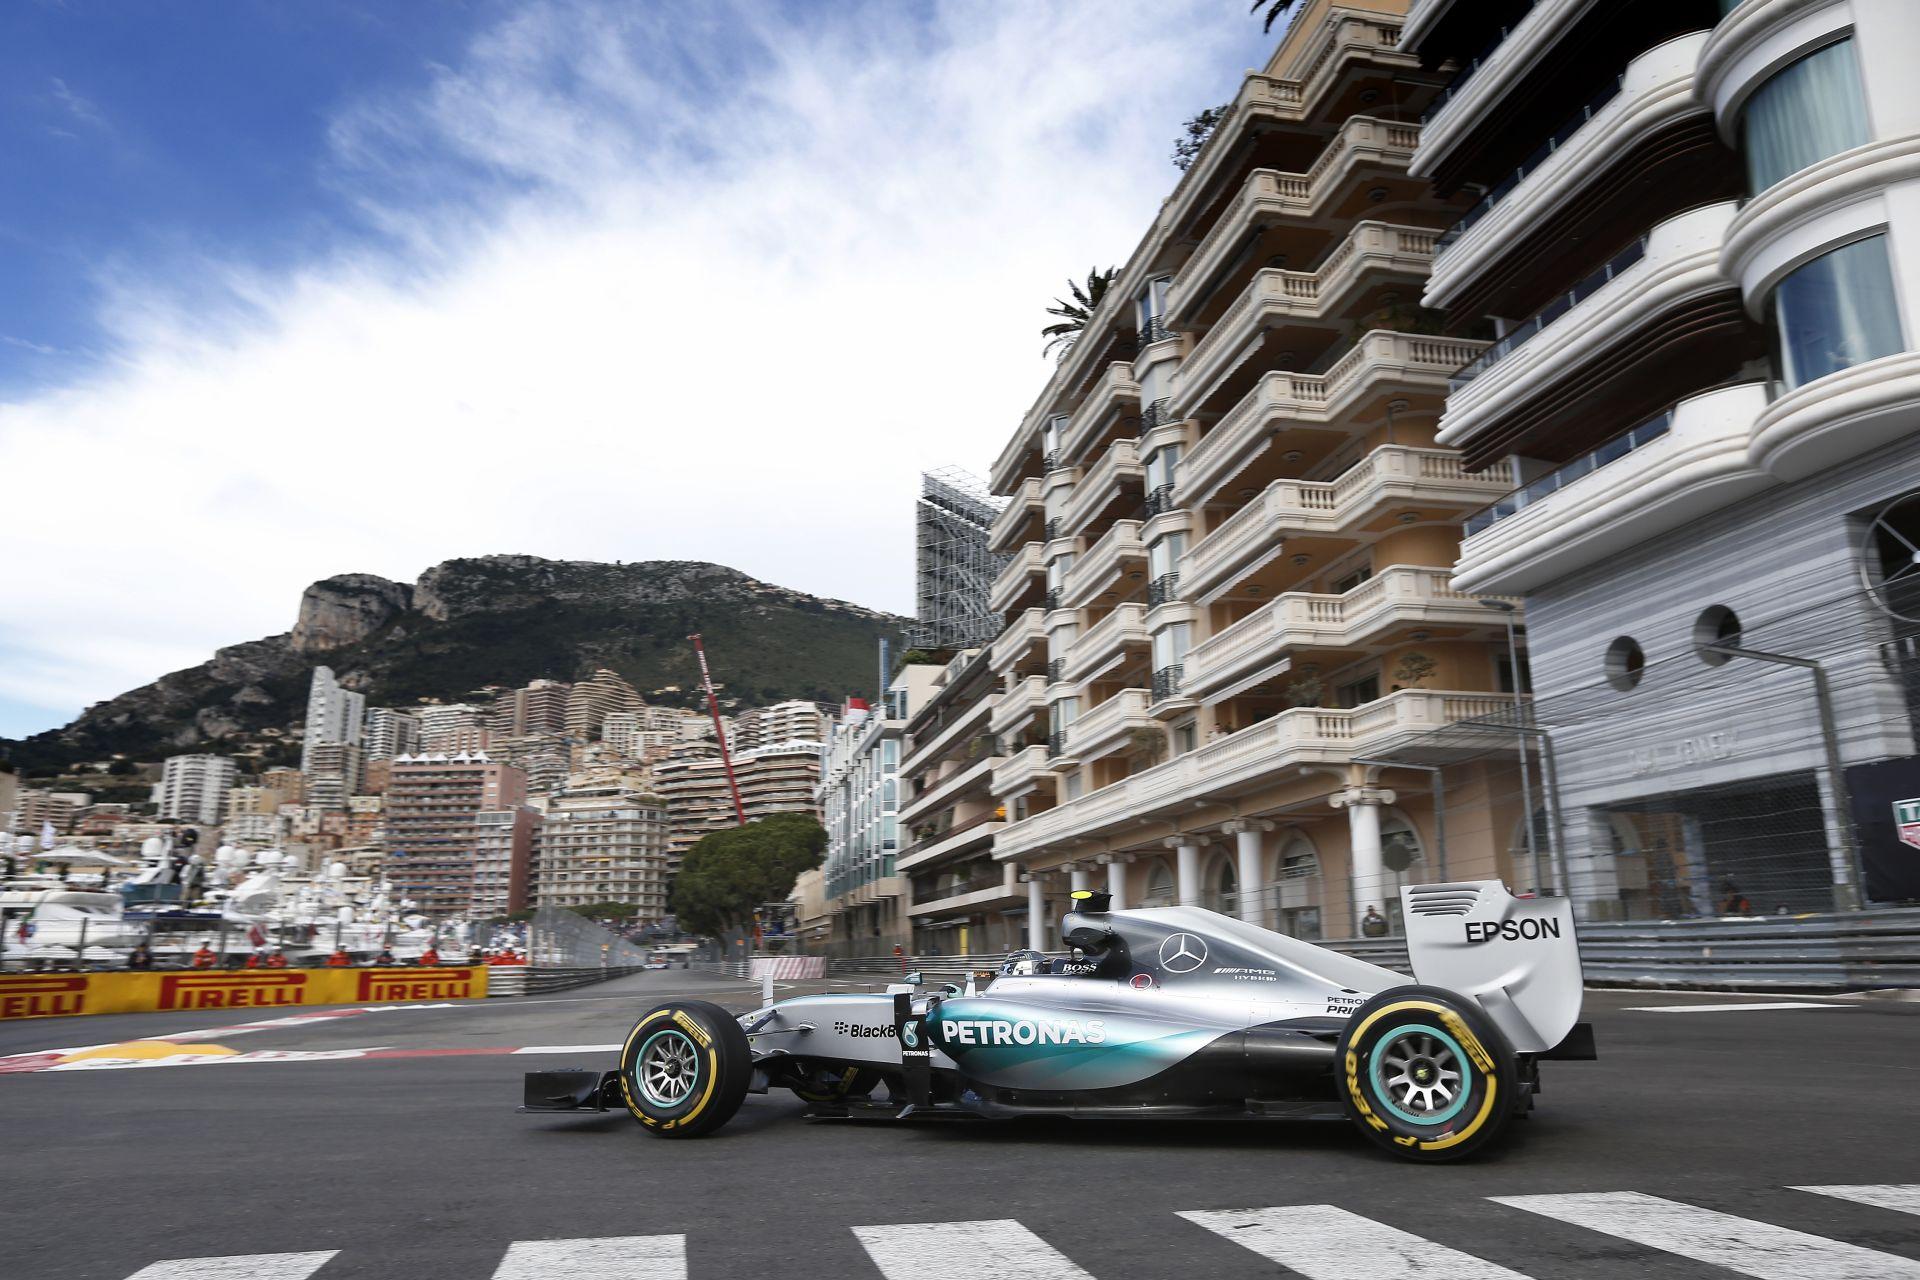 Mercedes: Elég sokba fáj nekünk az a néhány tized, amivel Hamilton megszerezte a polet Monacóban!